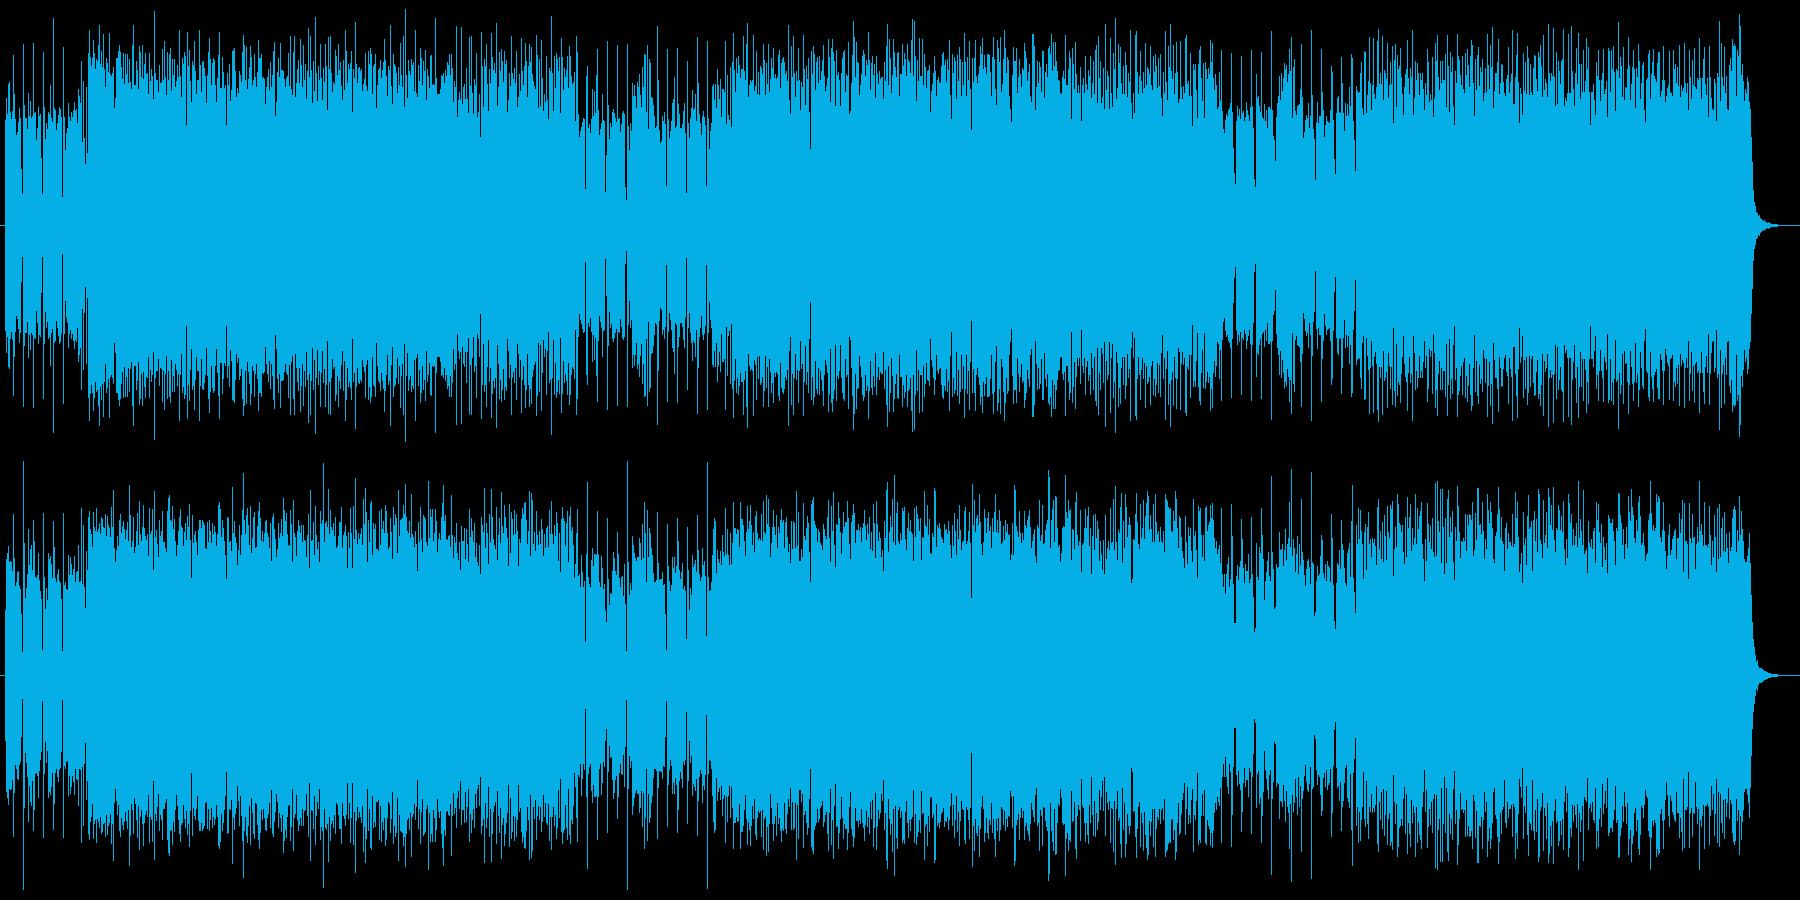 わくわく感と爽快なシンセギターサウンドの再生済みの波形